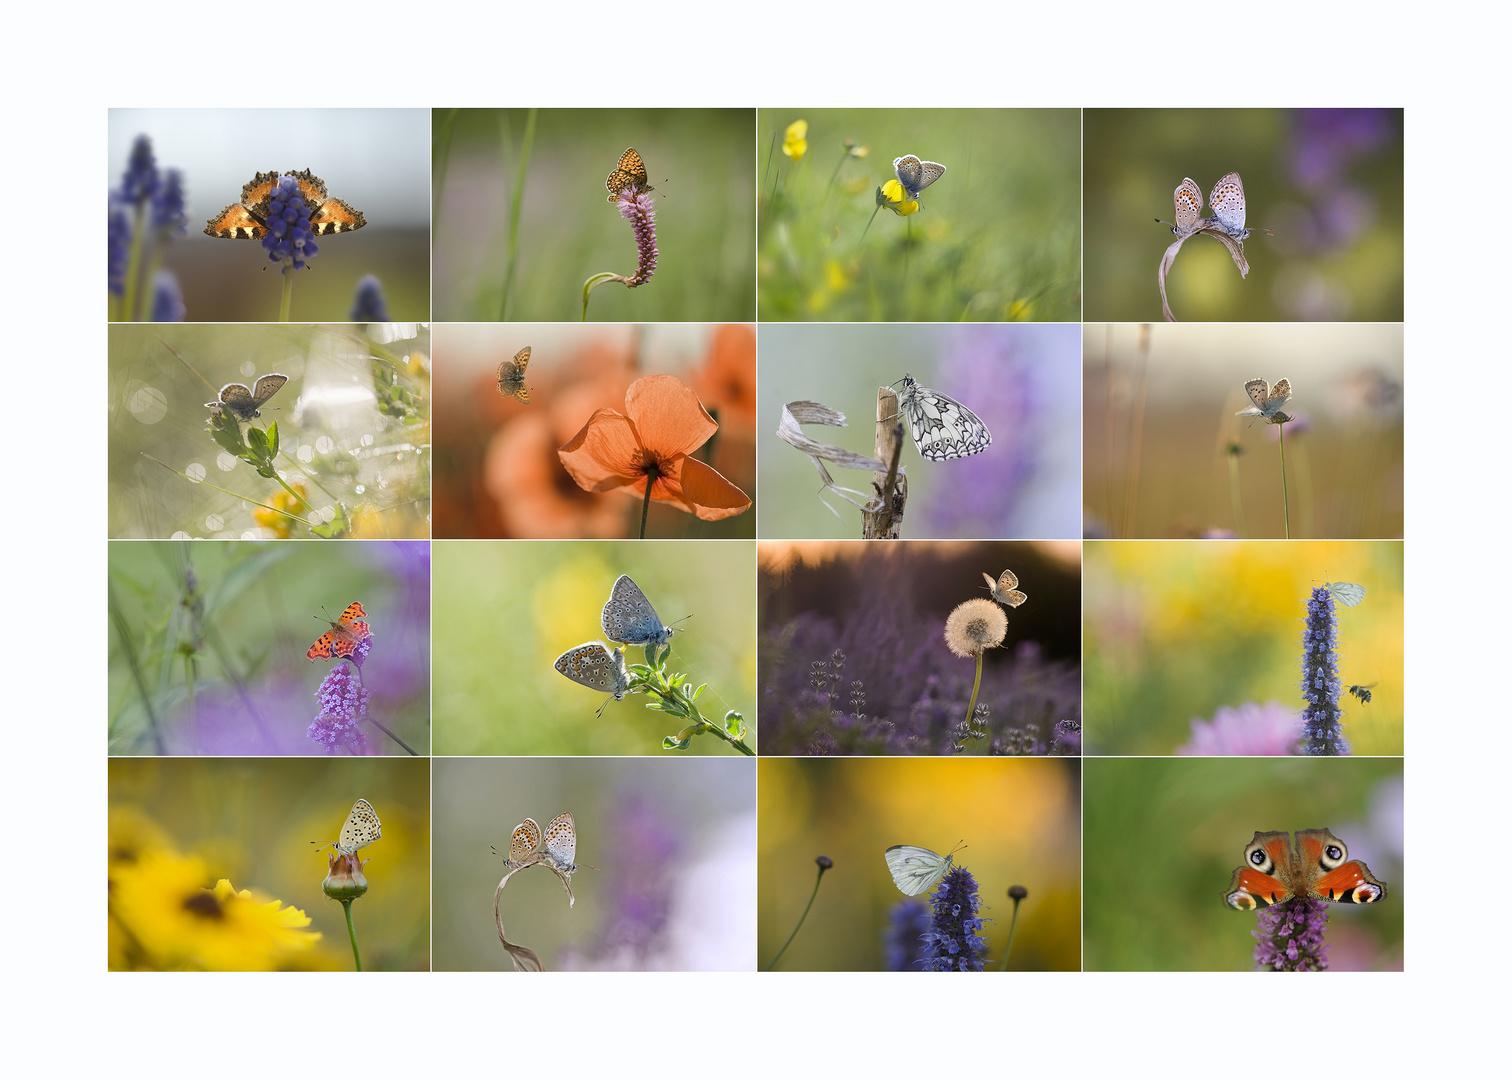 Die bunte Welt der Schmetterlinge